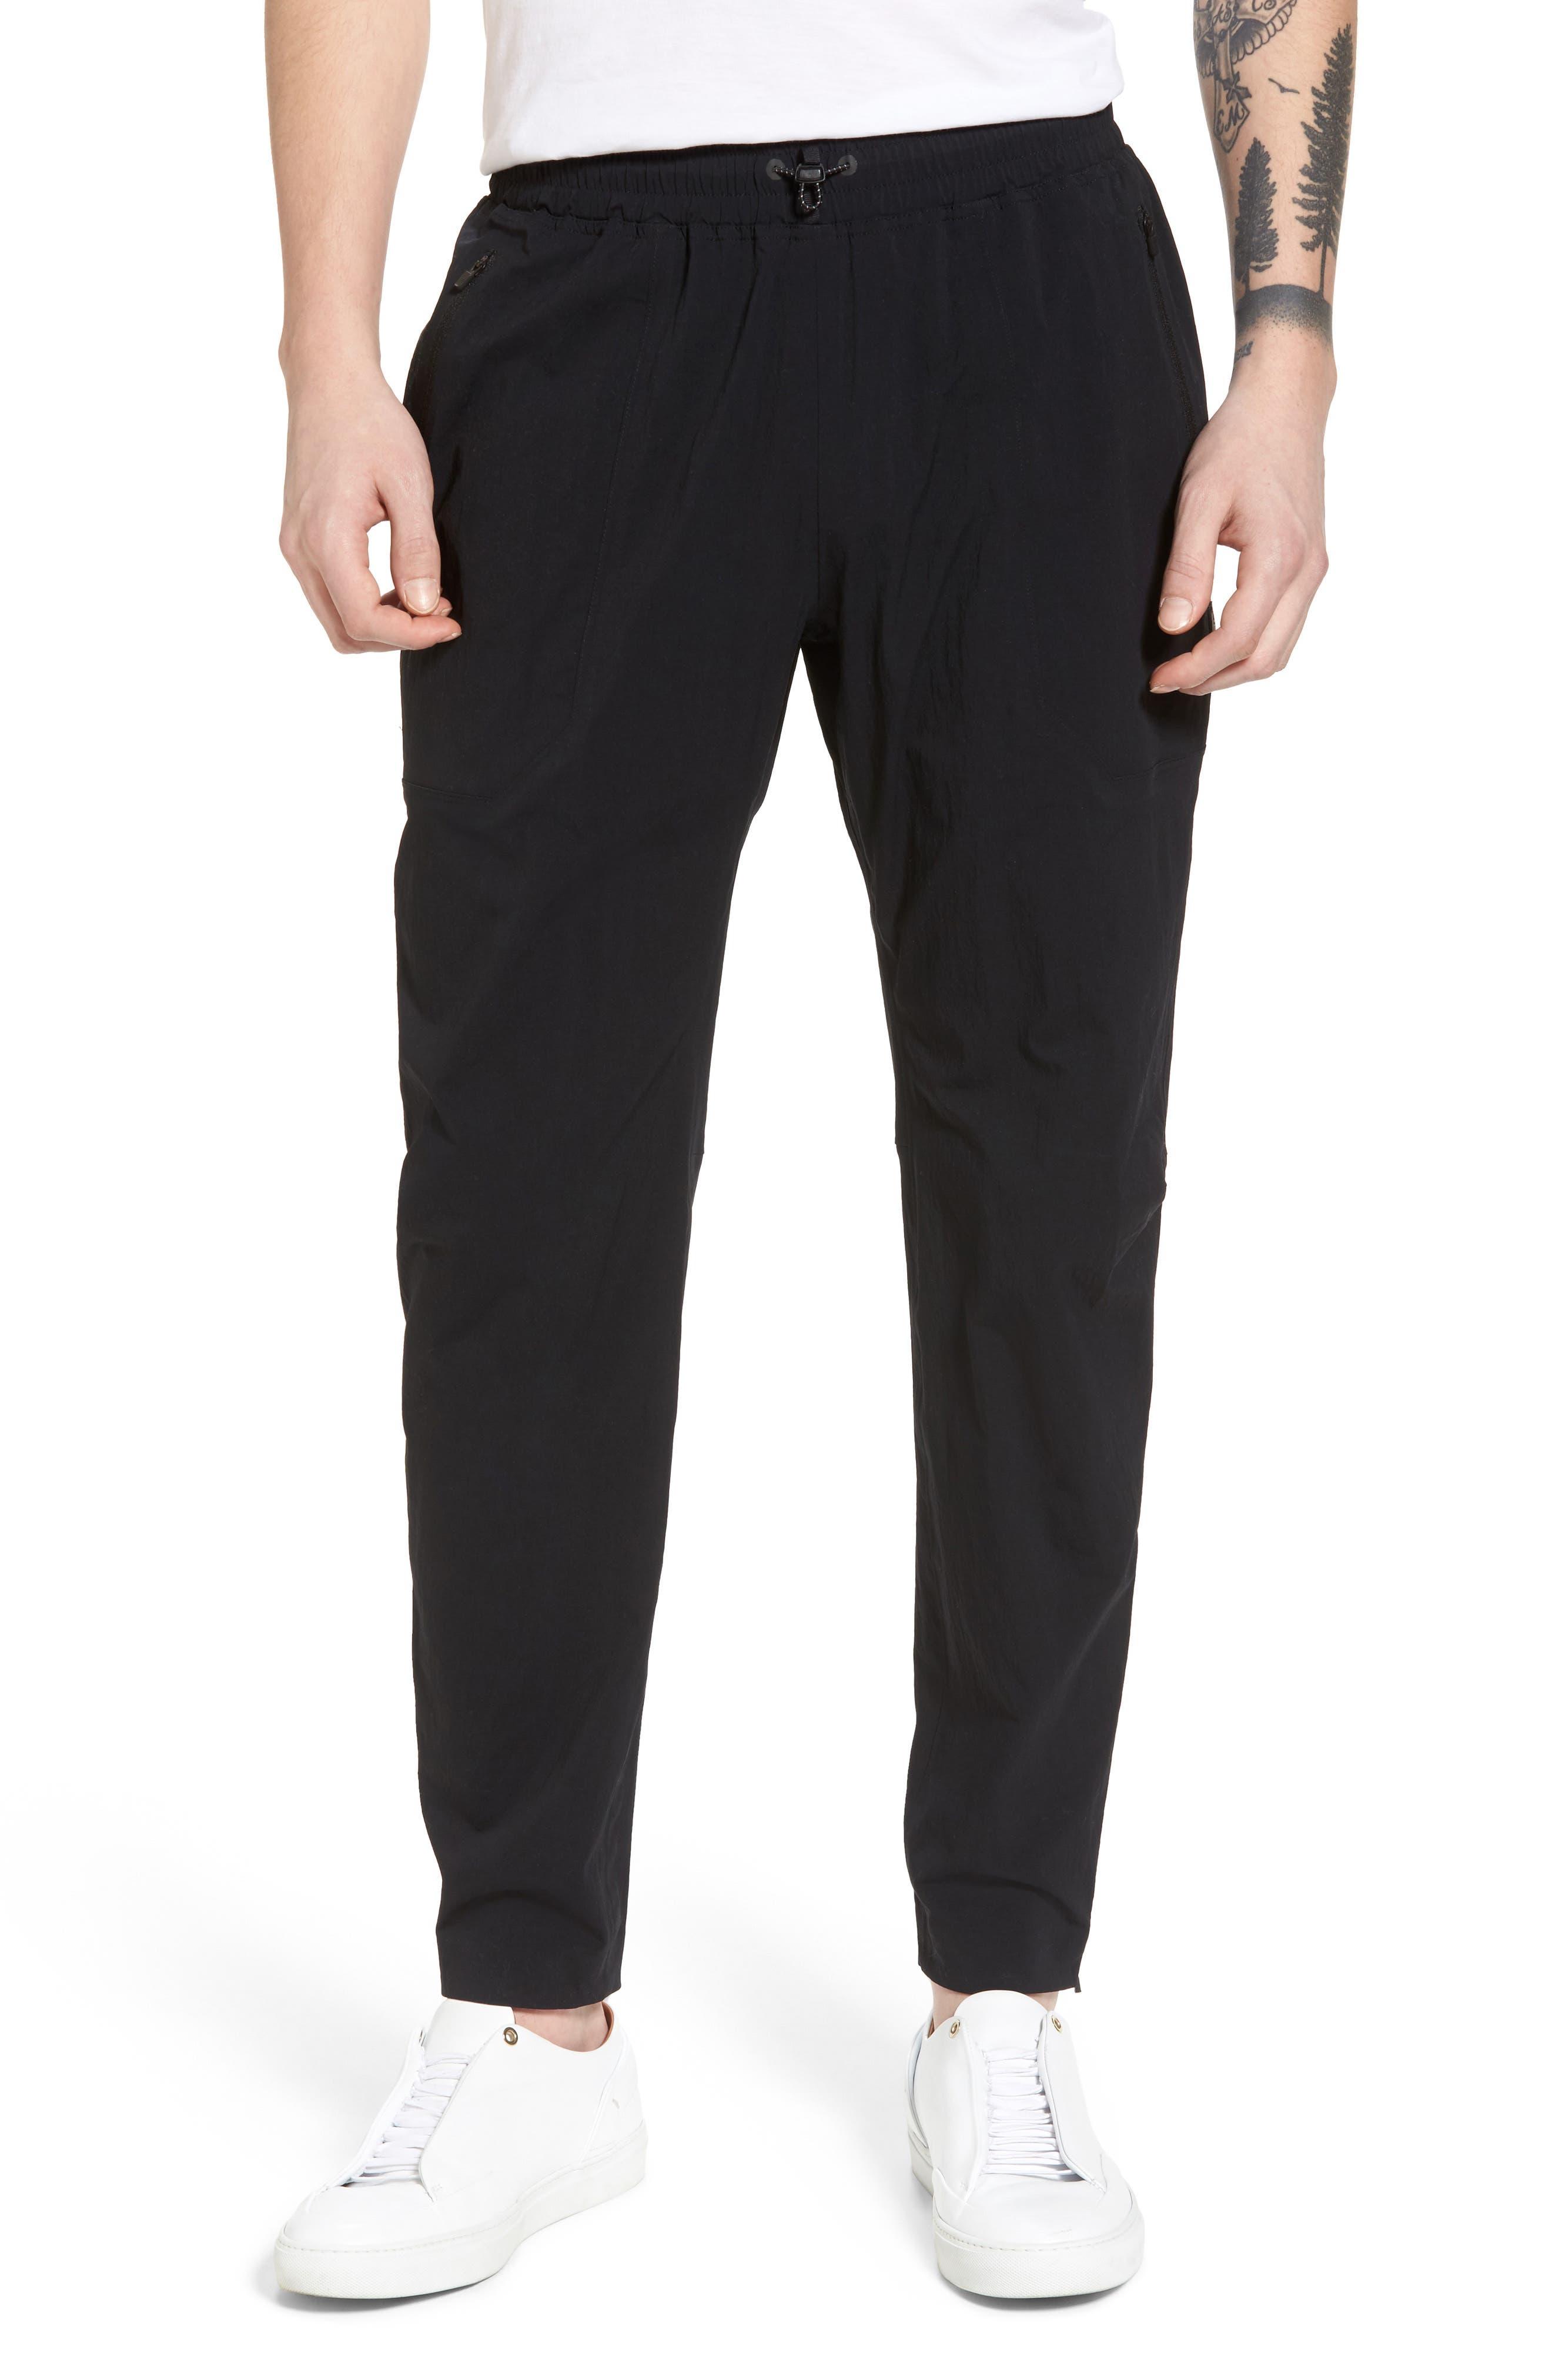 N279 Sweatpants,                         Main,                         color, Black